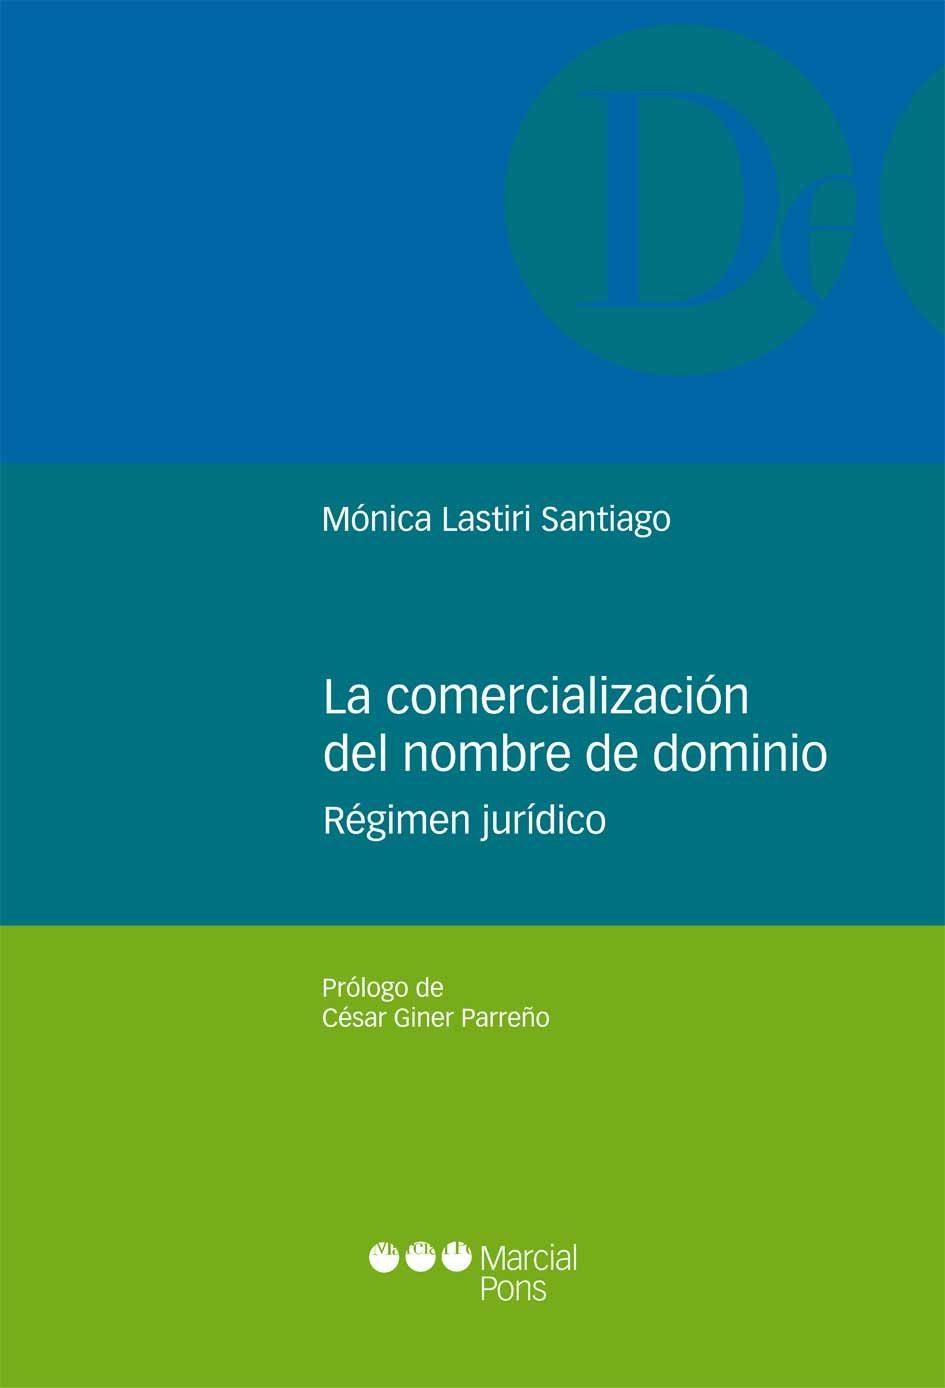 La Comercializacion Del Nombre De Dominio: Regimen Juridico por Monica Lastiri Santiago